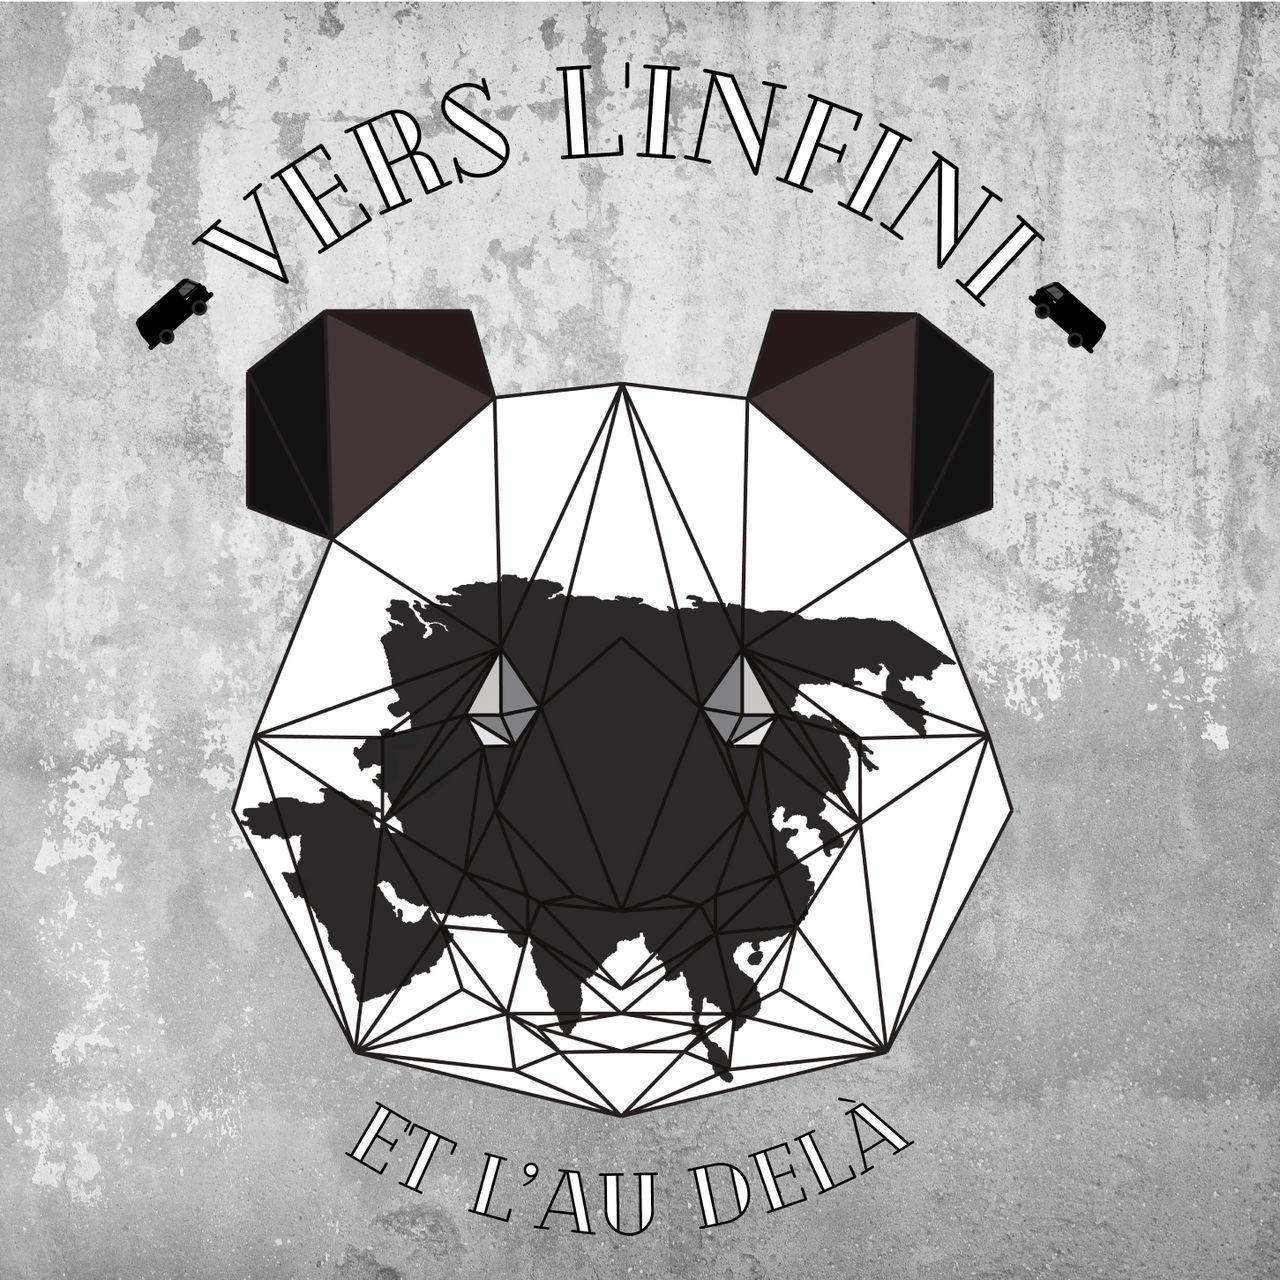 Logo VERS L'INFINI